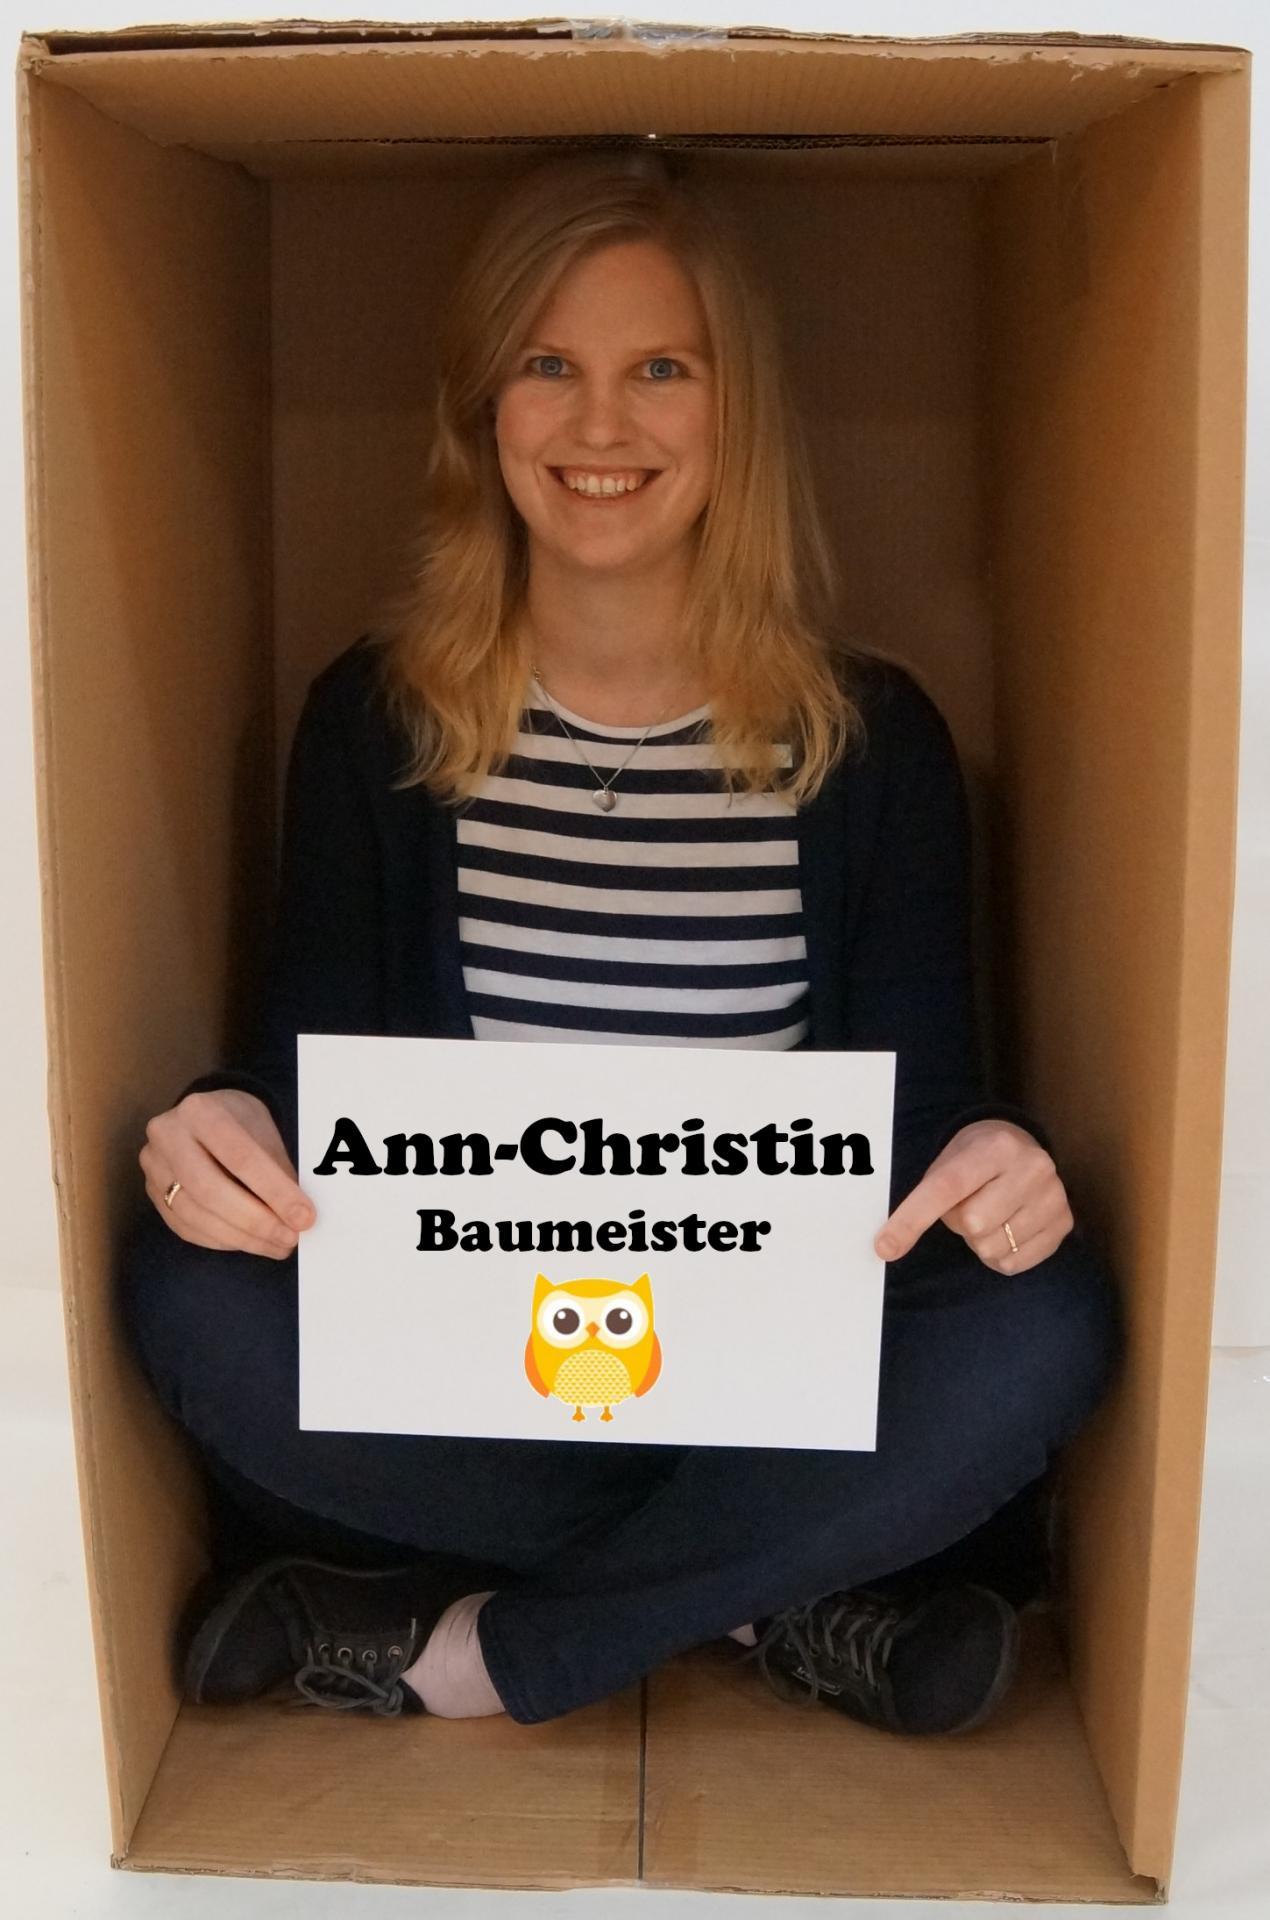 Ann-Christin Baumeister